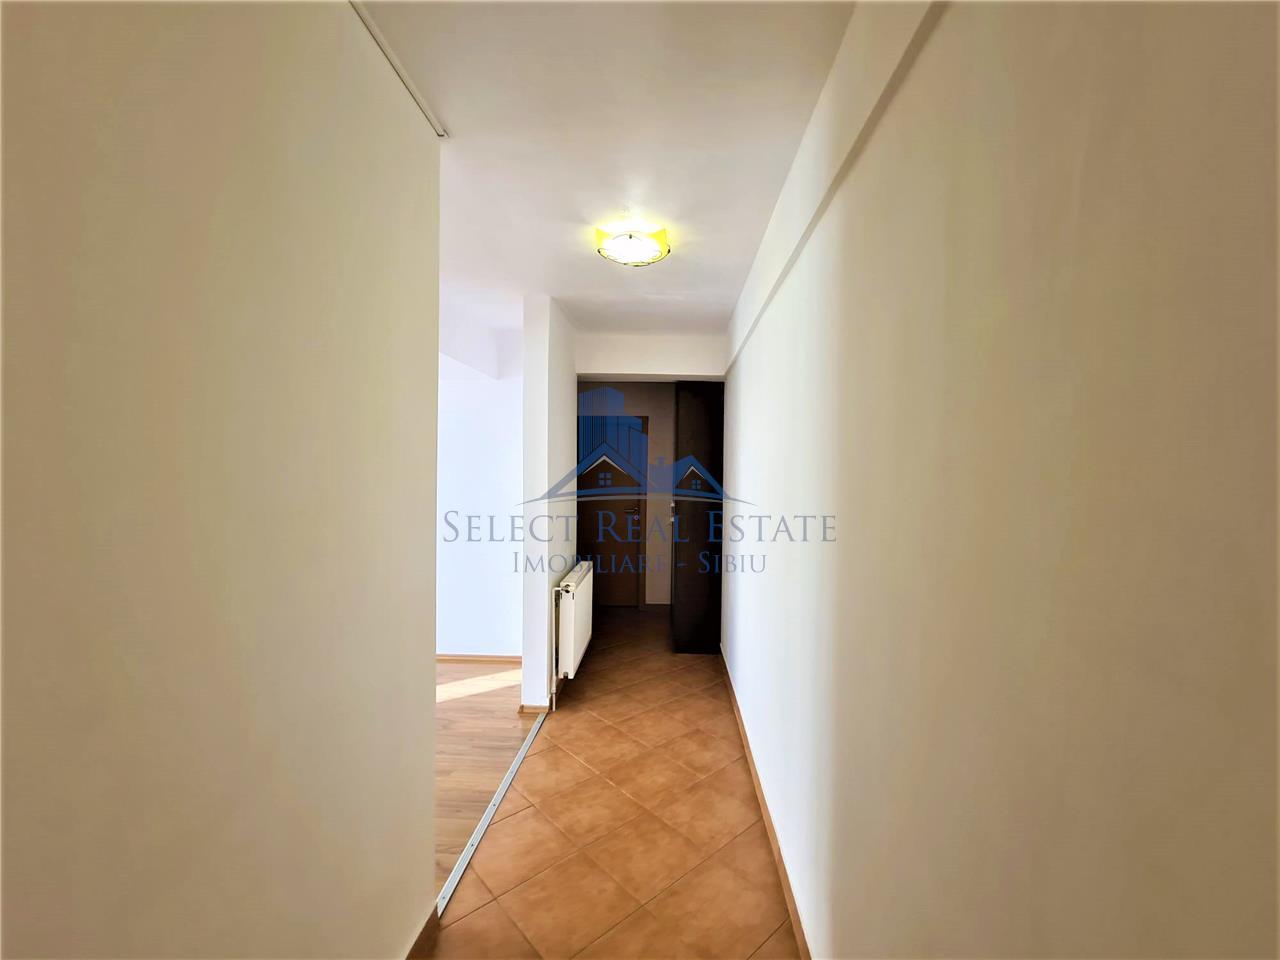 Apartament spatios / 2 camere  la cheie / vanzare / Sibiu